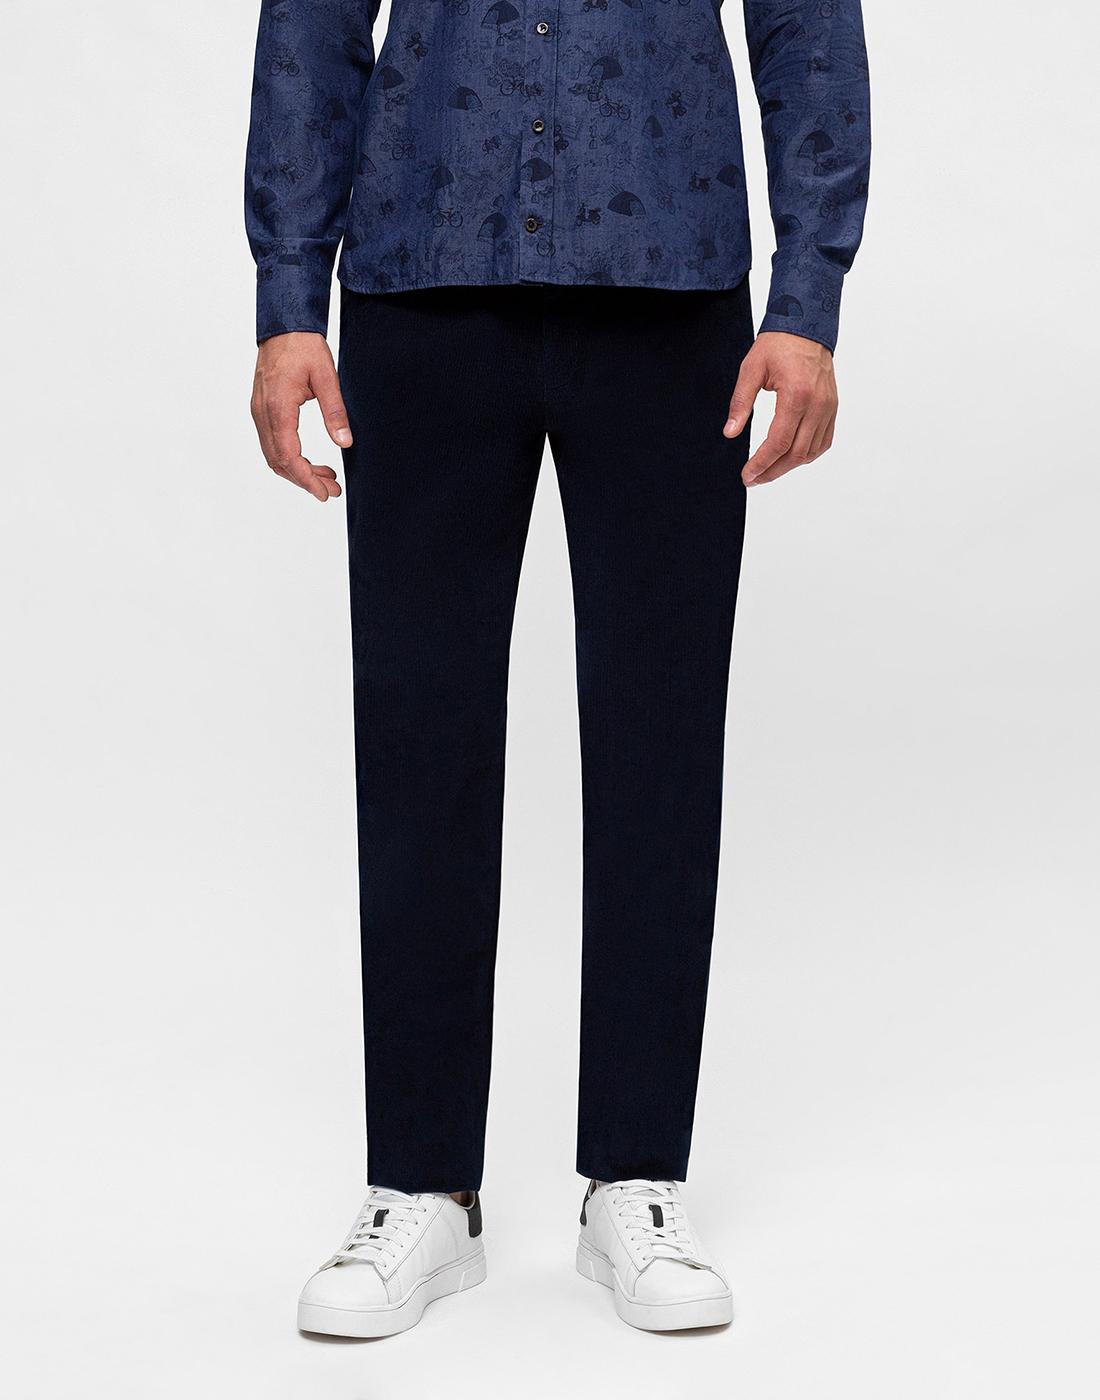 Мужские темно-синие вельветовые брюки Hiltl  S74818 43 71700-2